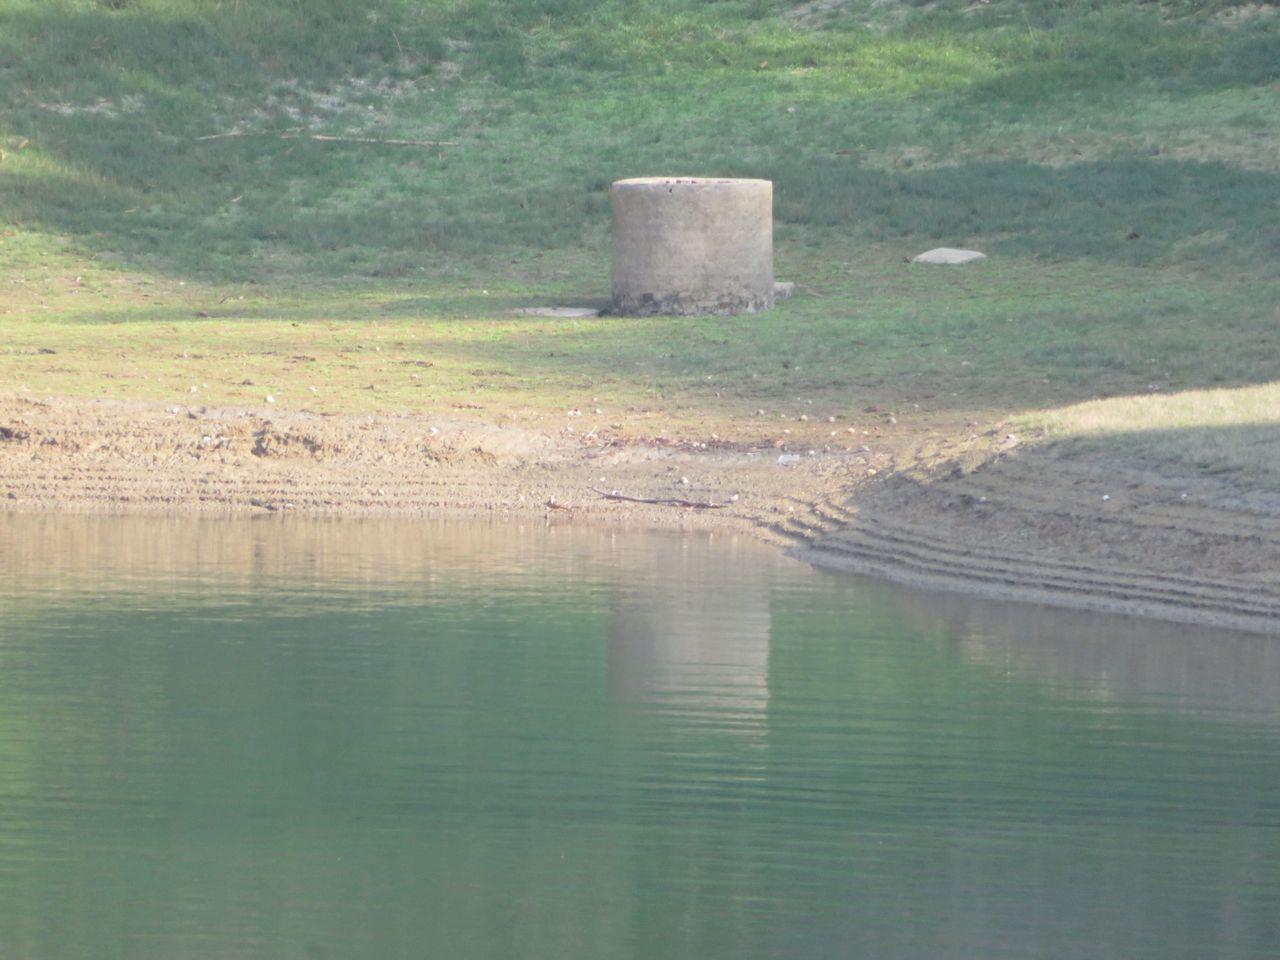 嘉義氣象站統計,從昨晚到今天凌晨降雨量只有9.5毫米, 雨量不如預期;蘭潭水庫蓄...